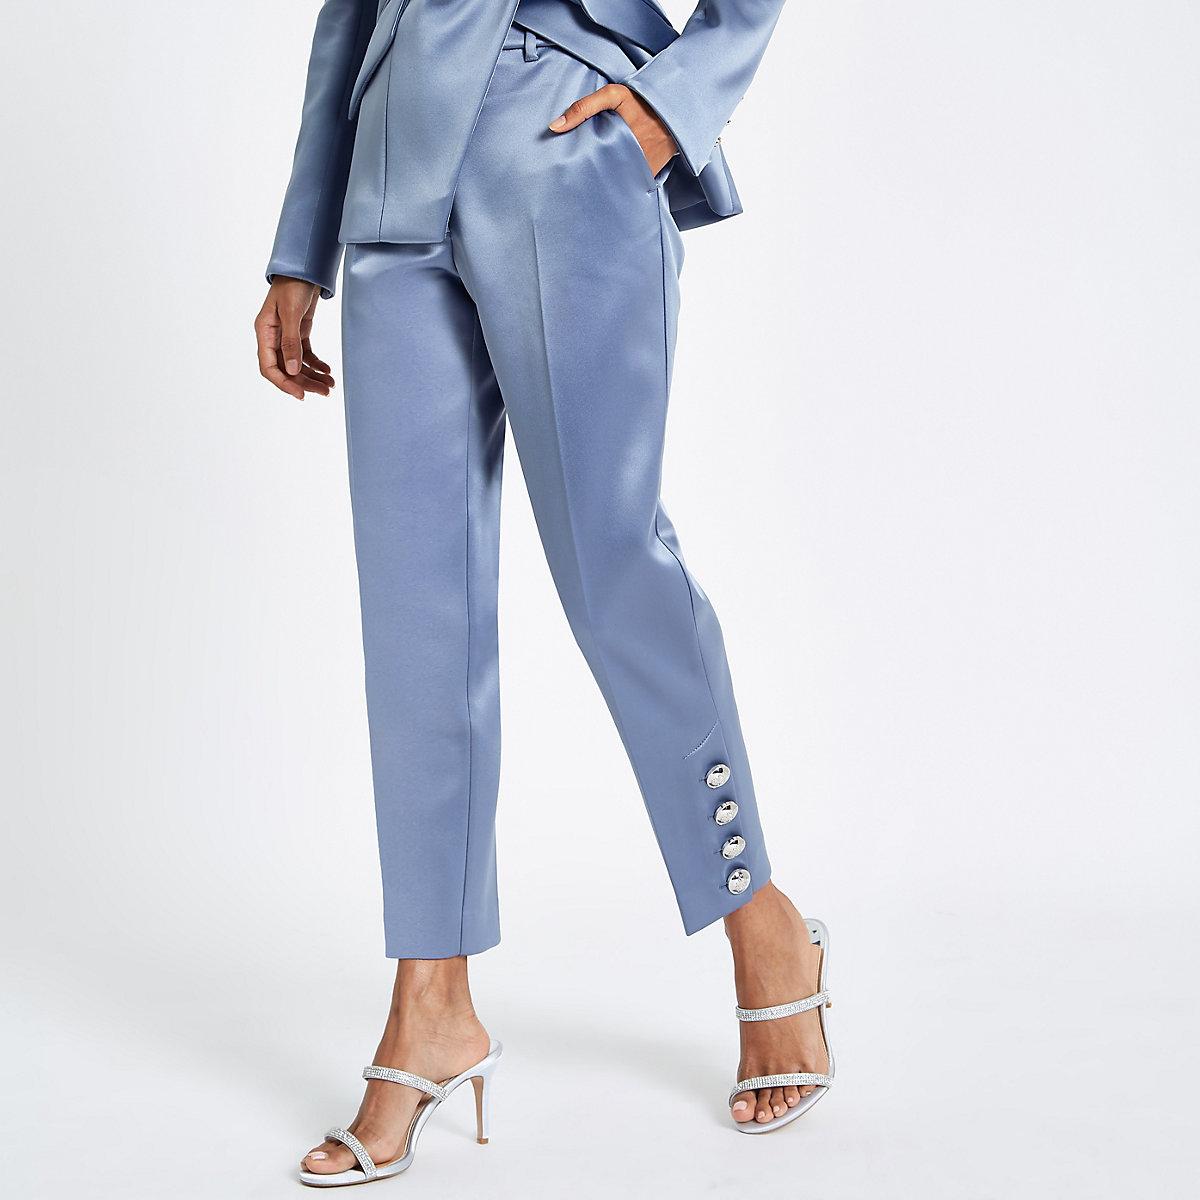 Petite light blue satin cigarette trousers